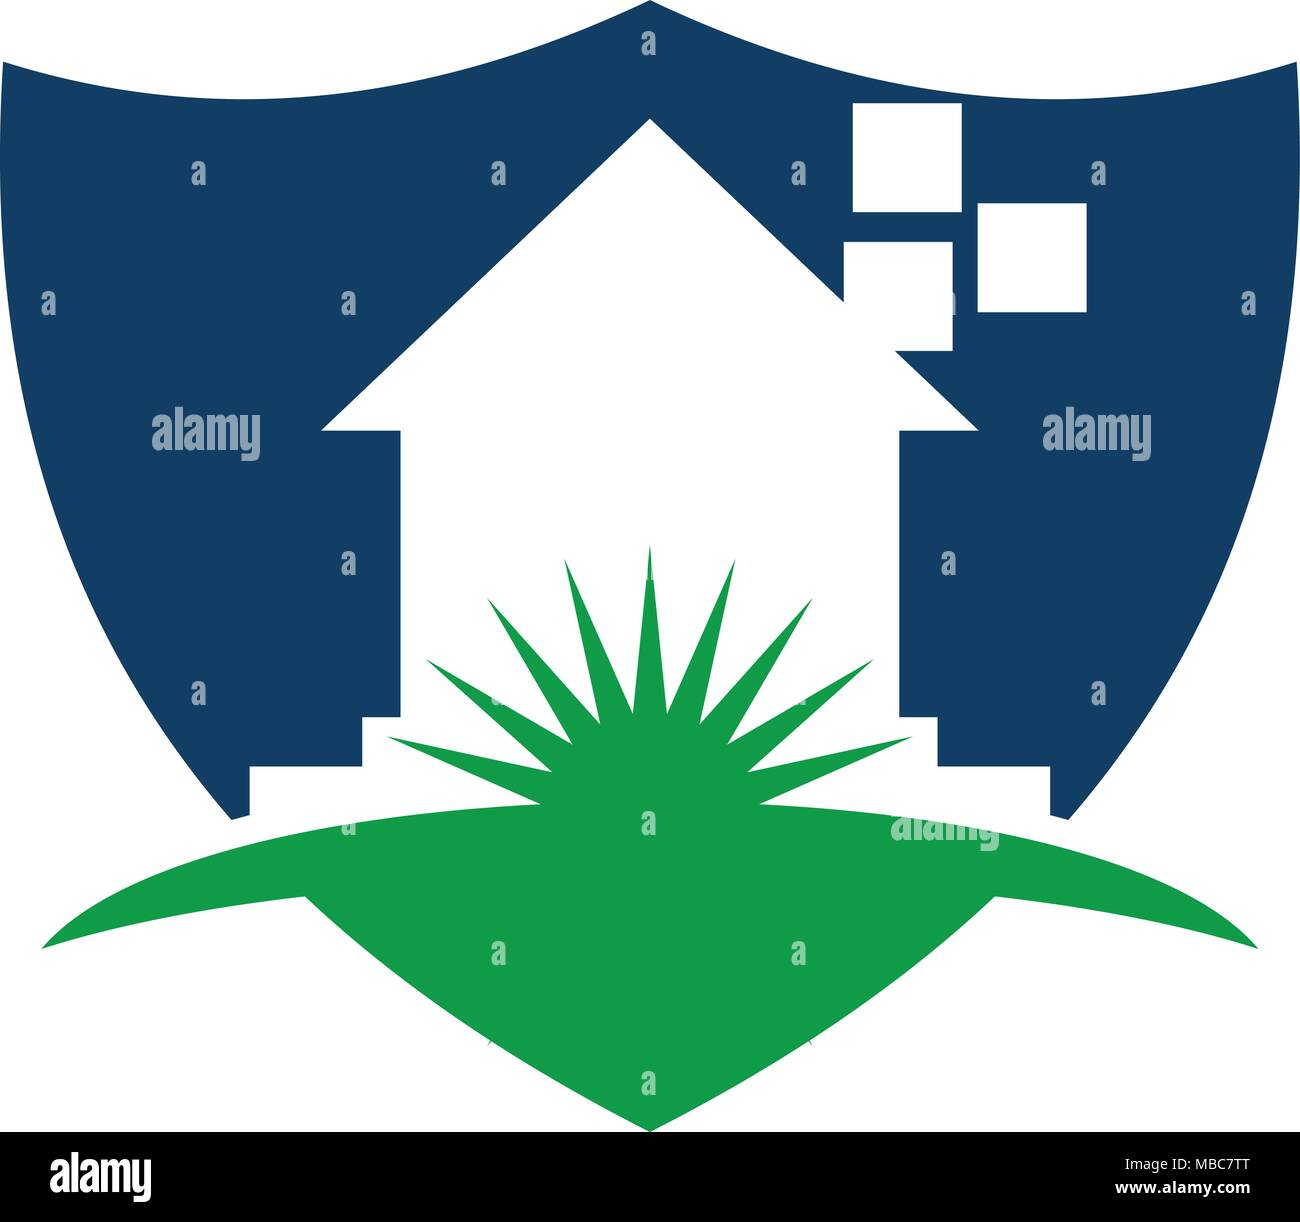 Home Shield Logo Design Template Vector Stock Vector Art ...